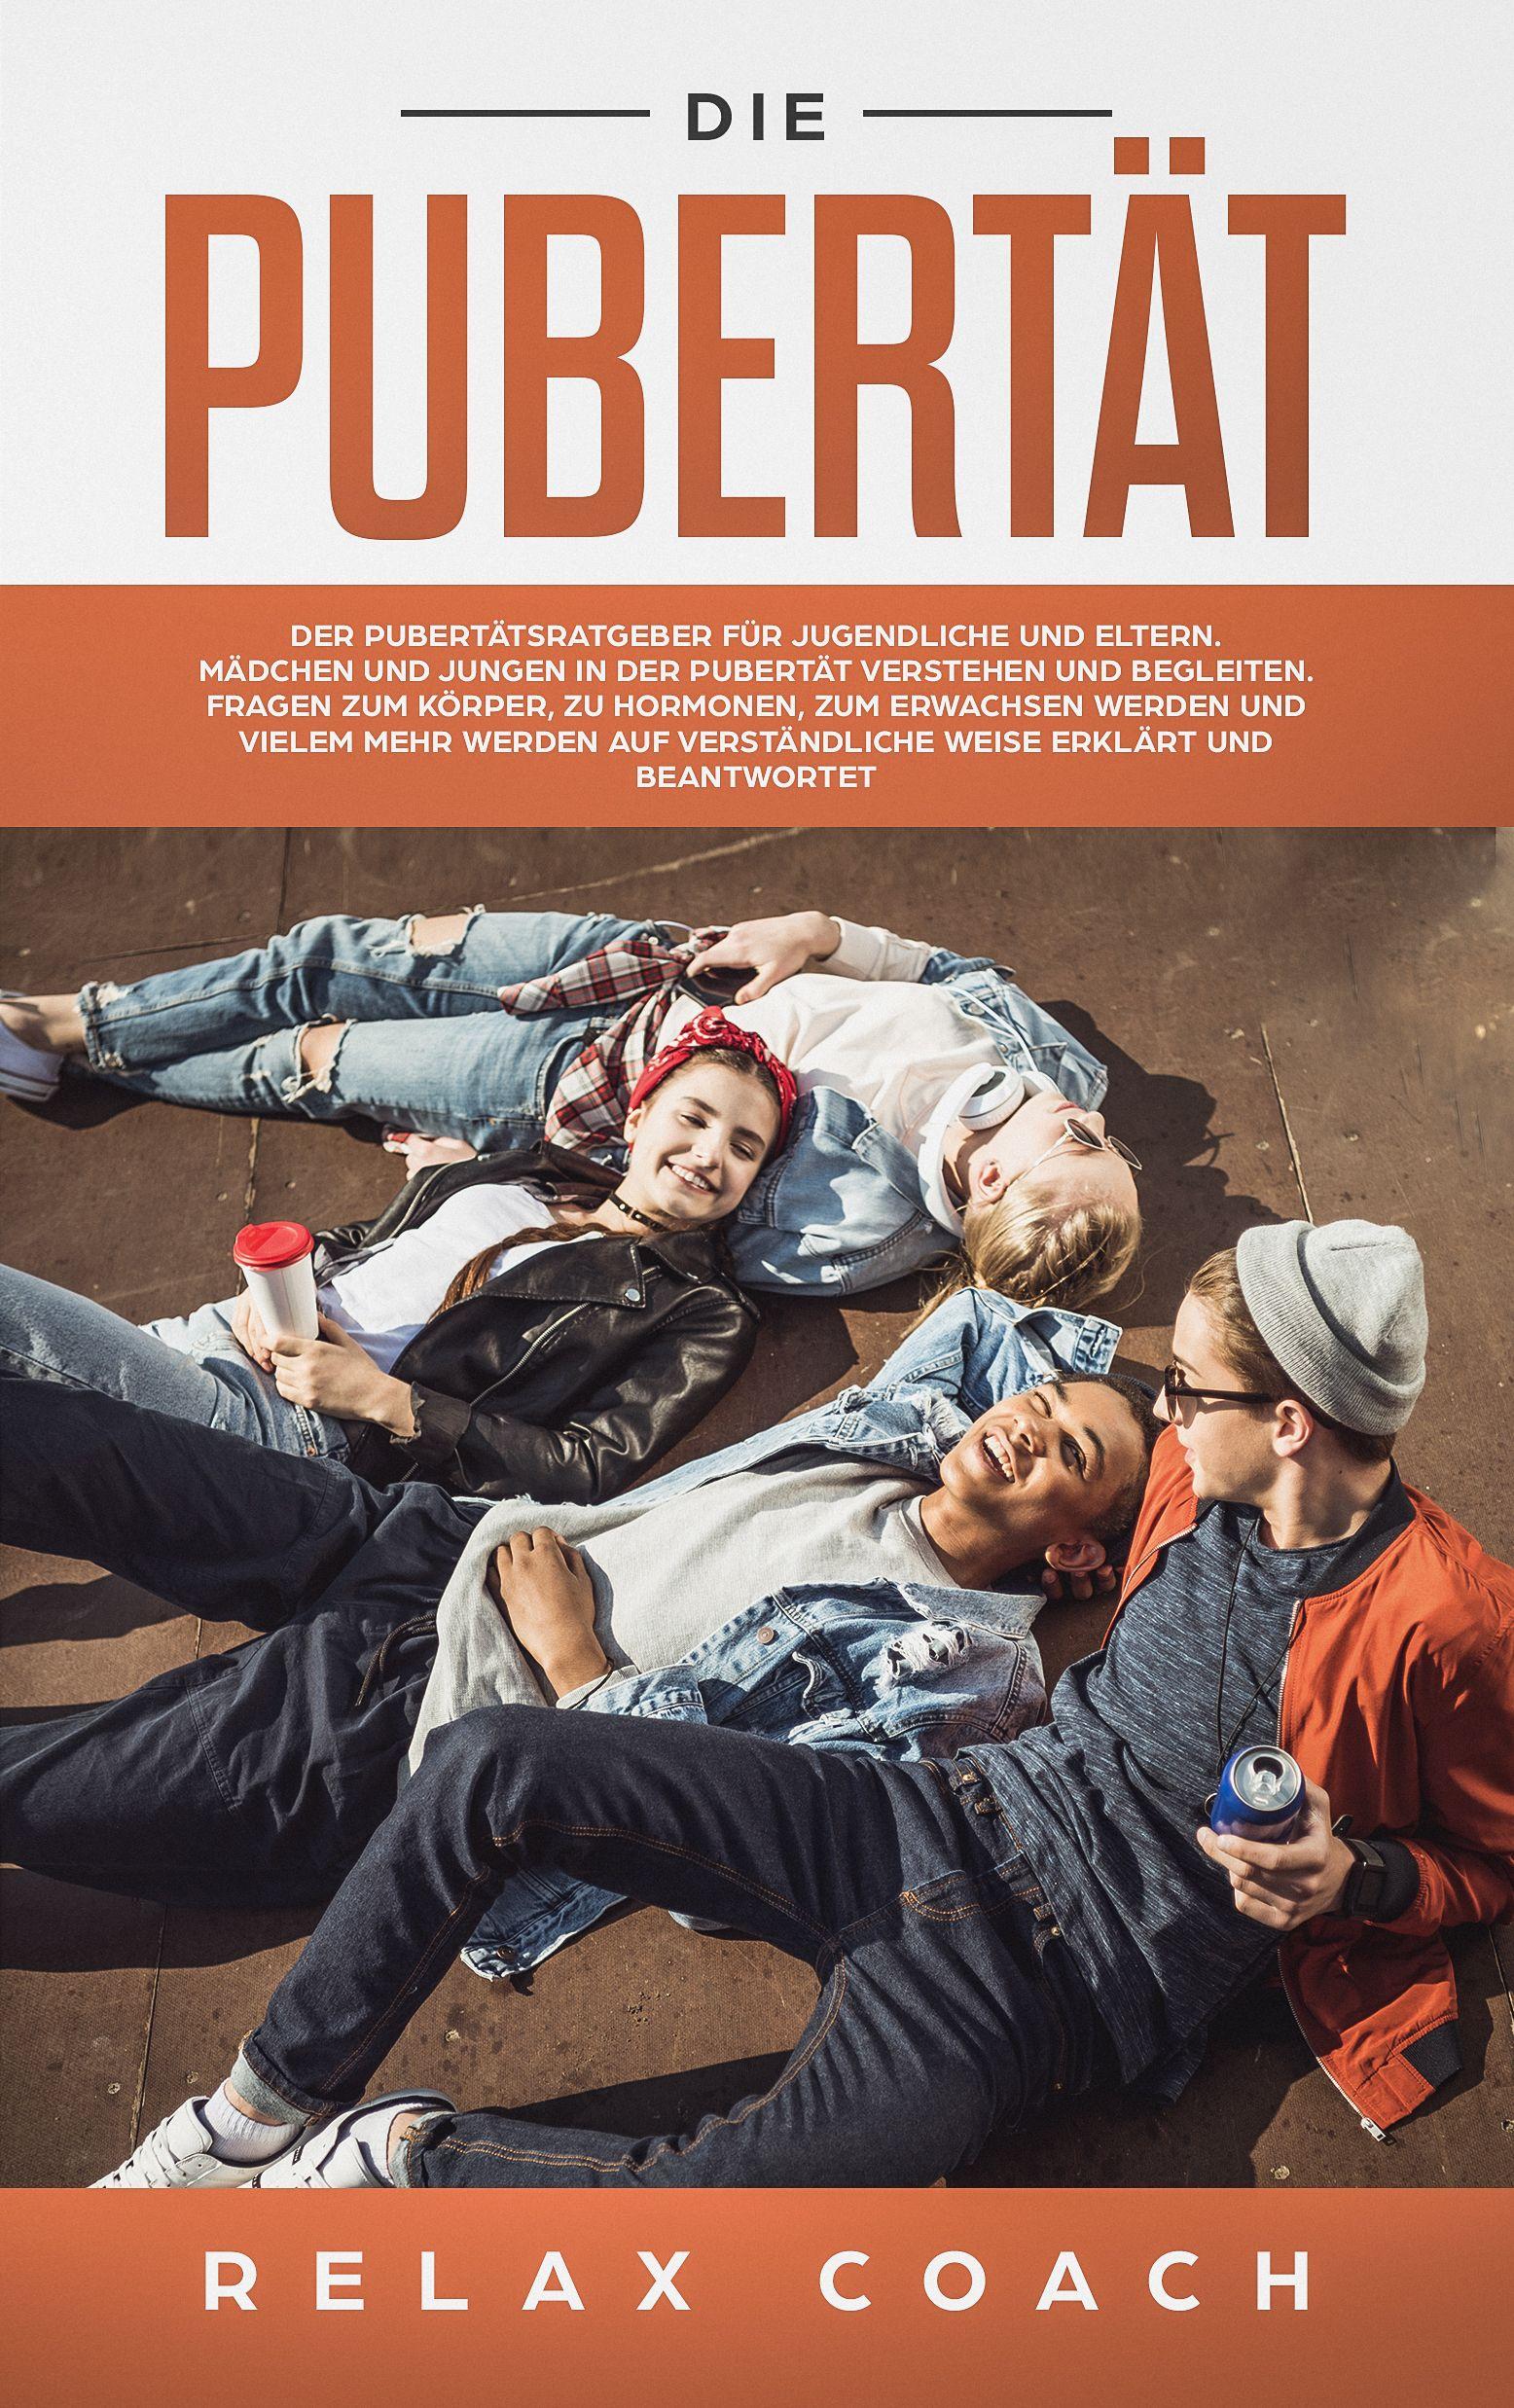 [Gratis Kindle eBook] Pubertät Ratgeber für Jugendliche und ihre Eltern